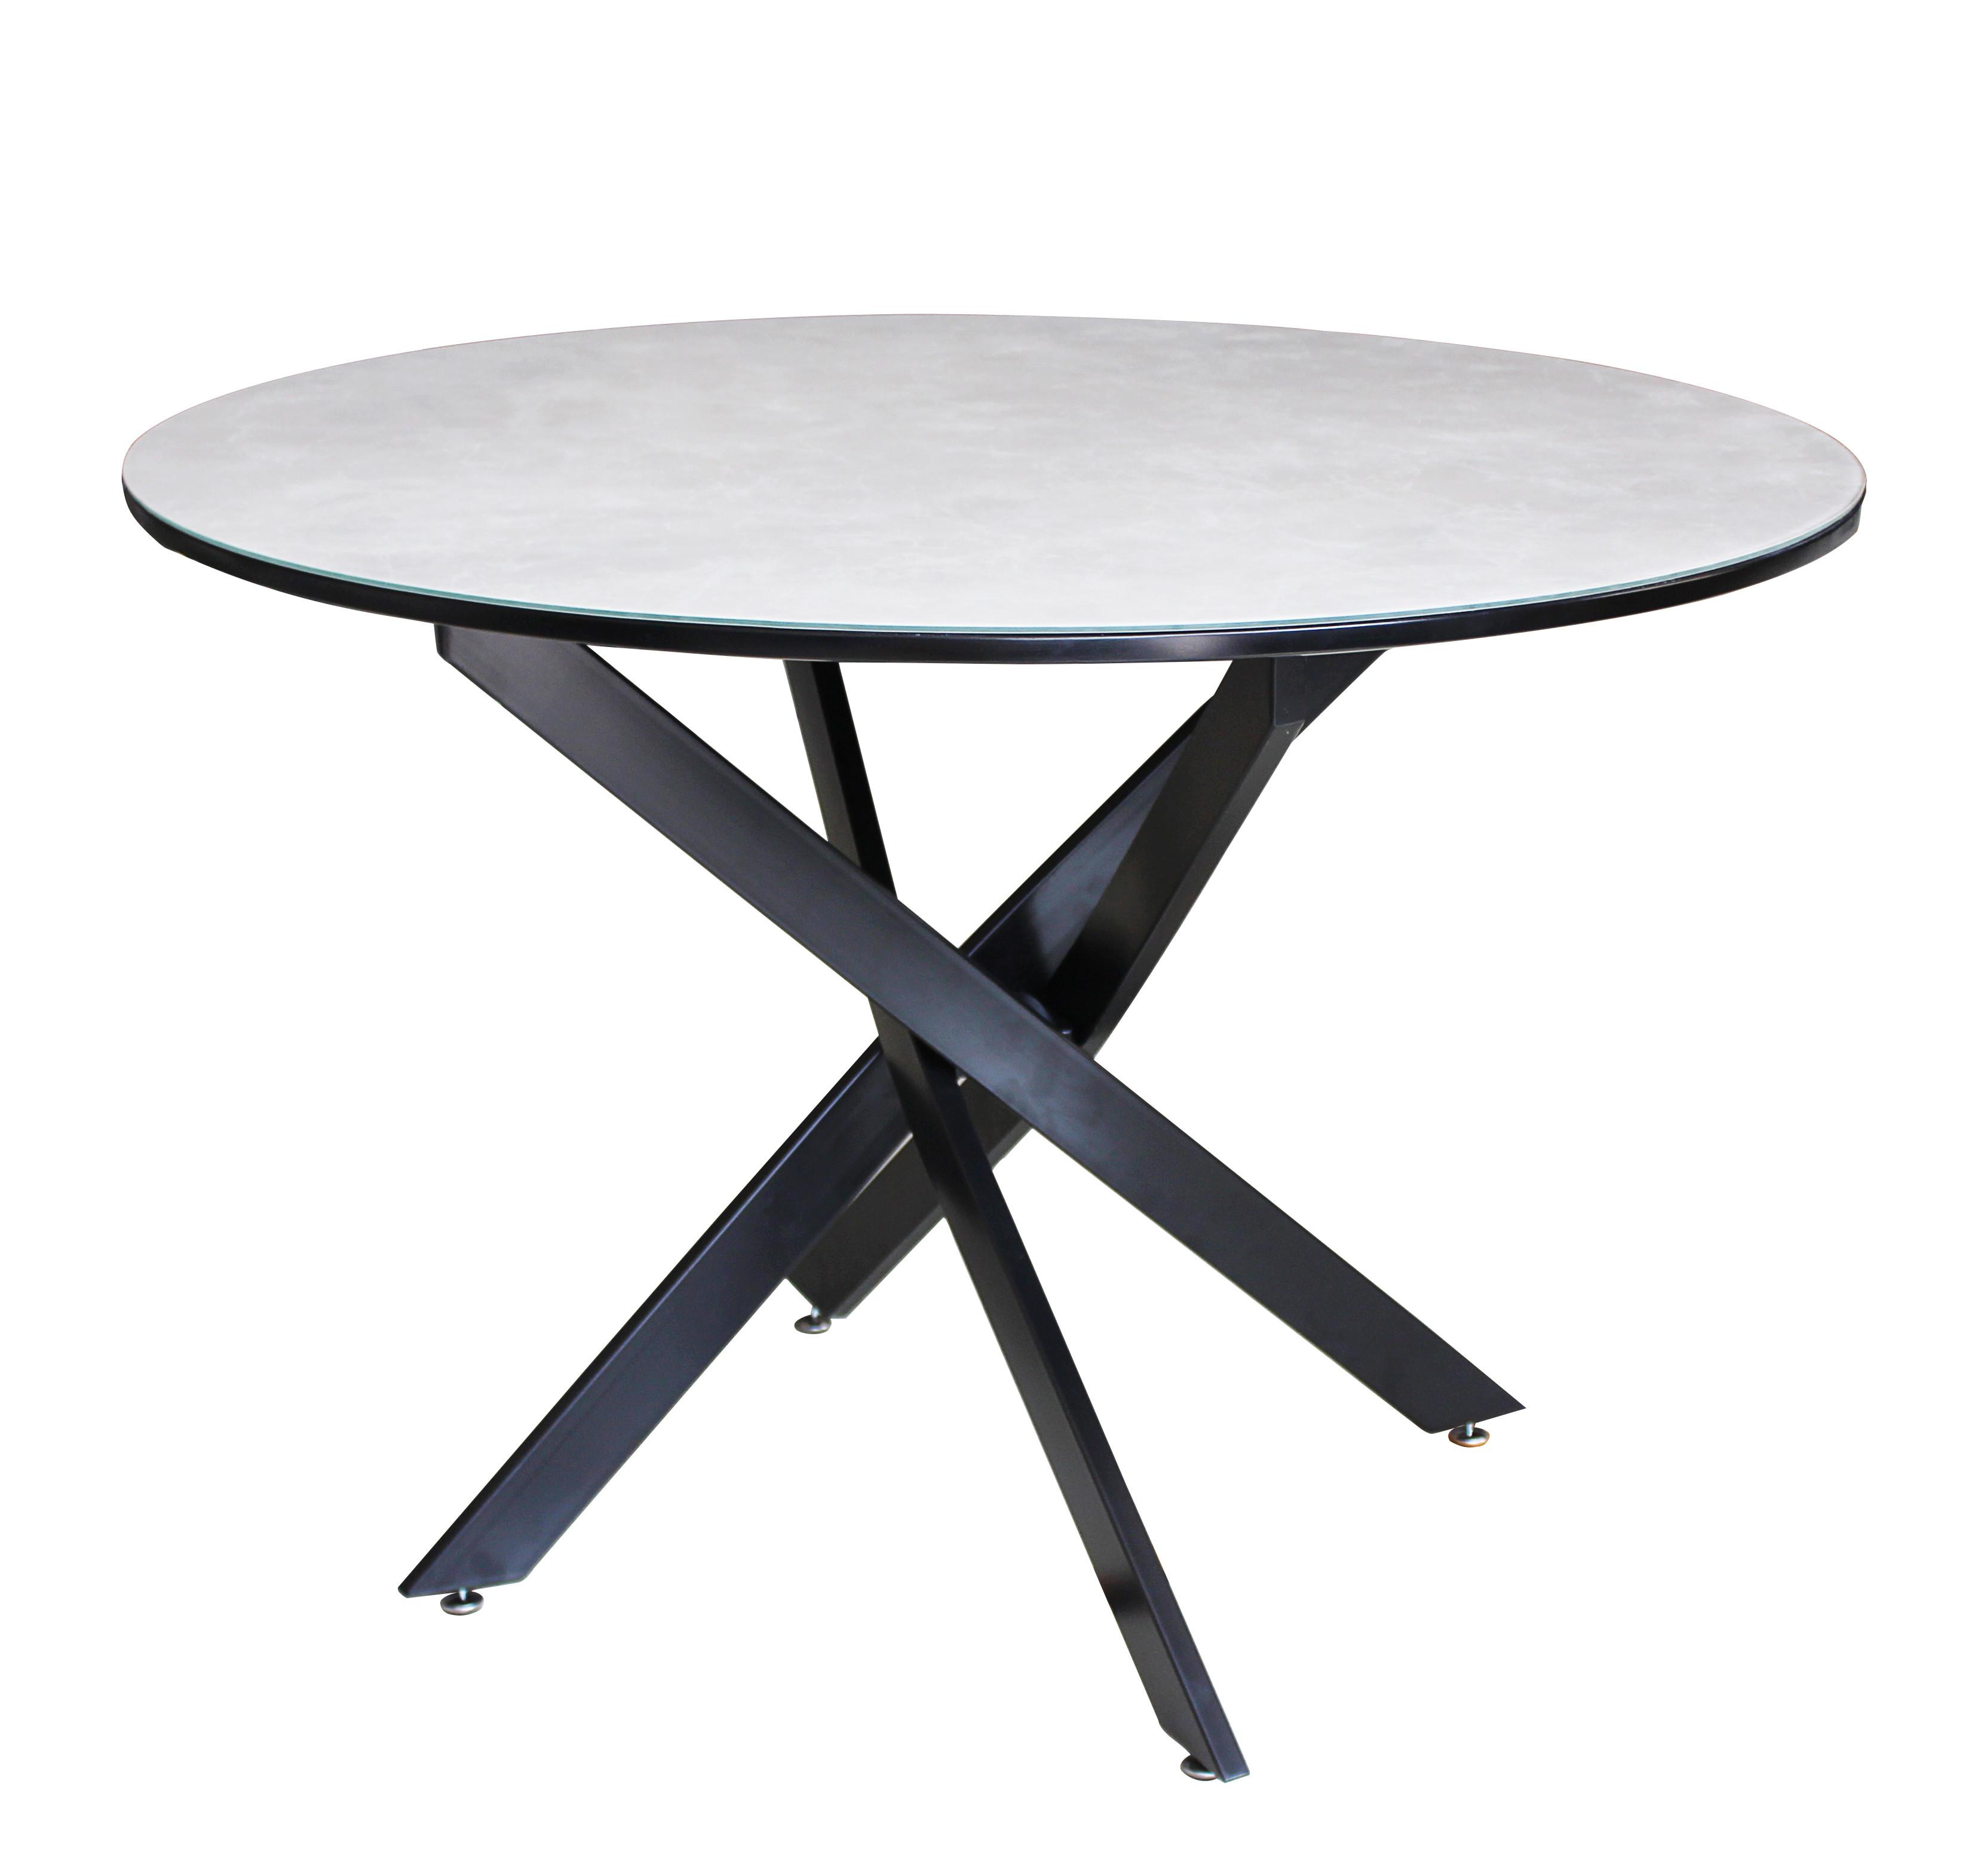 Onyx pyöreä pöytä, halkaisija 100 cm, Tenstar